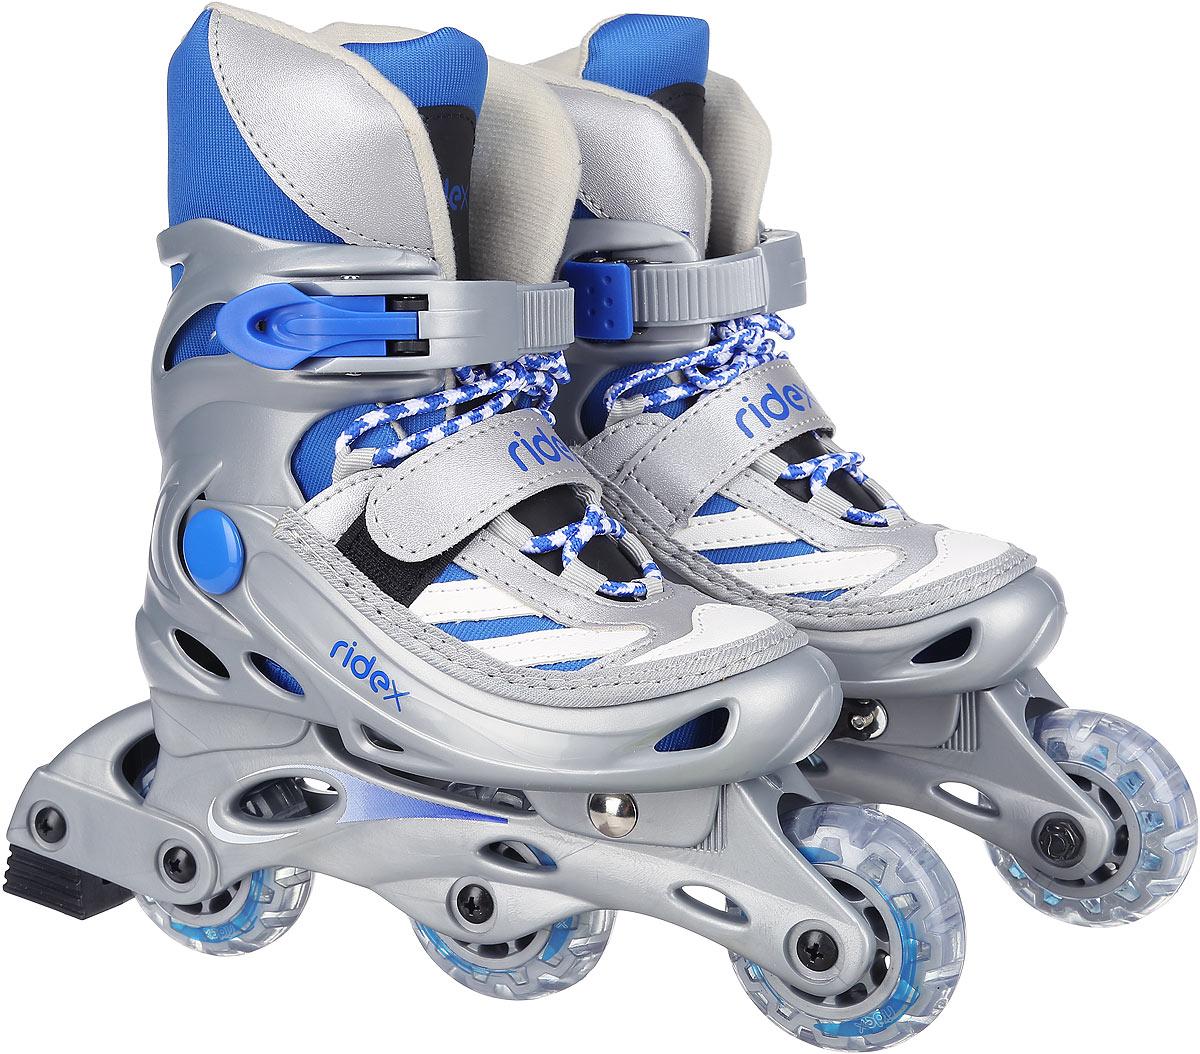 Коньки роликовые Ridex Scout, раздвижные, цвет: серый, голубой, белый. УТ-00008094. Размер 35/38